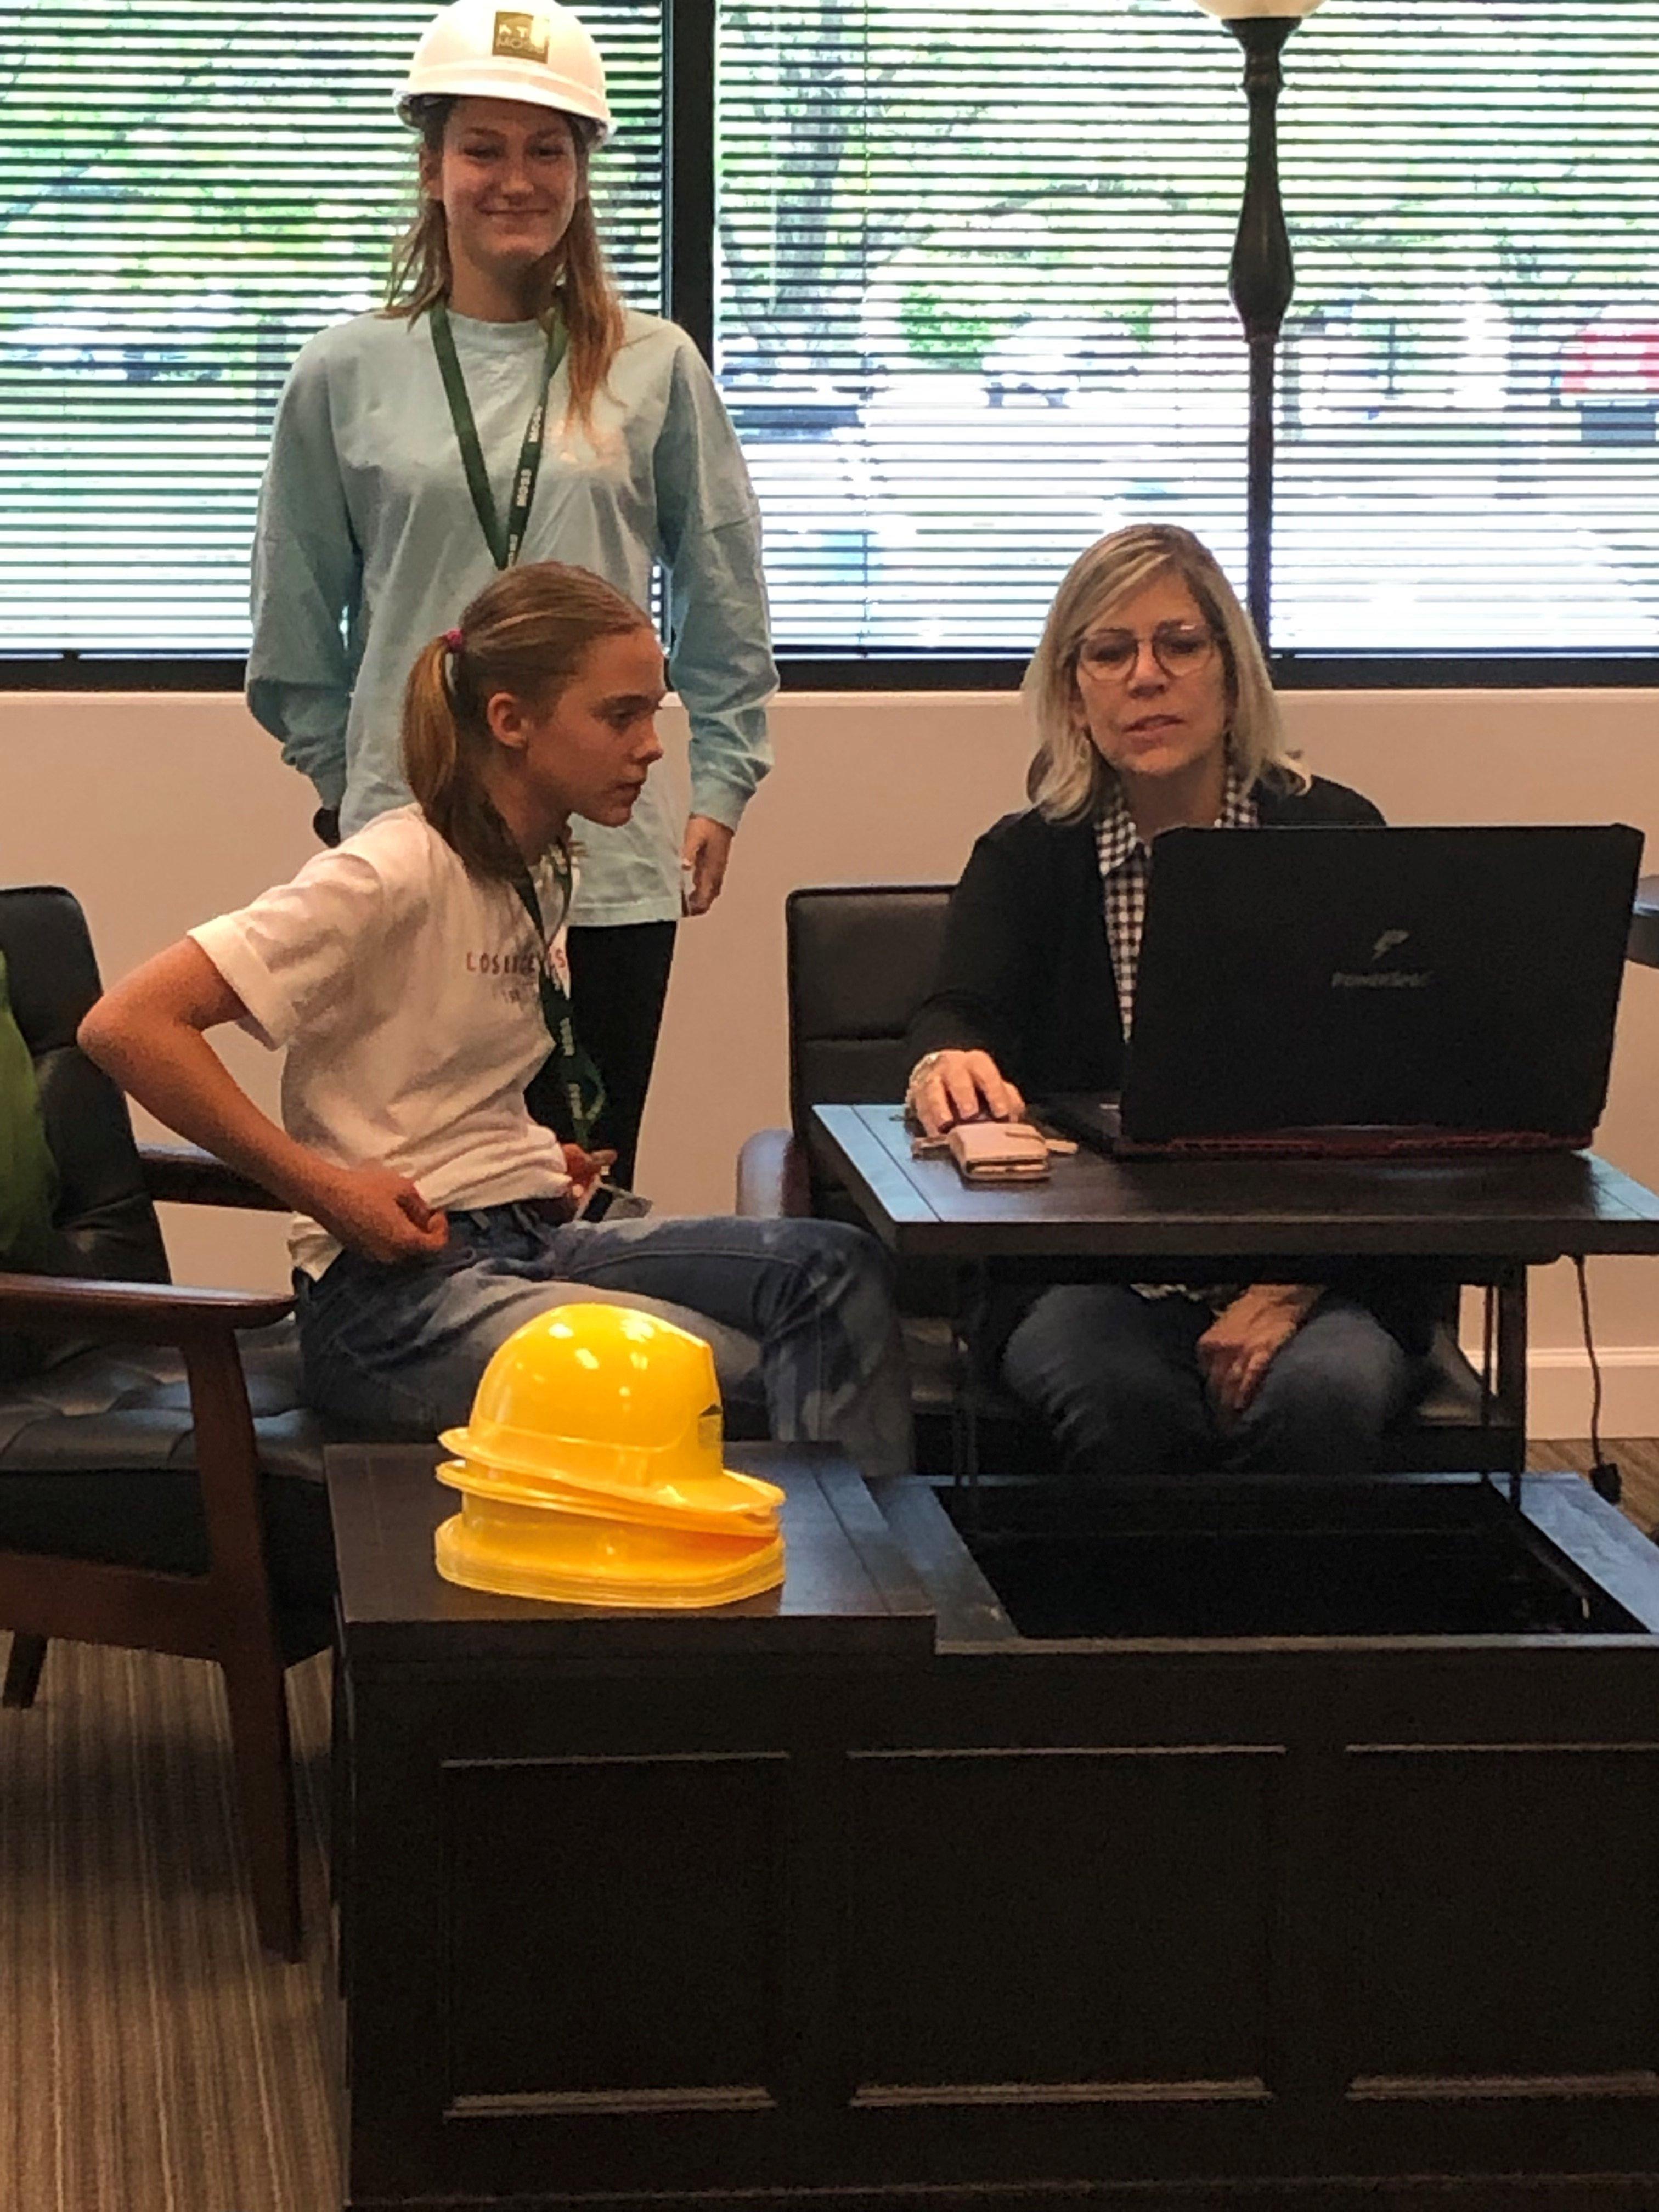 Child work day design station